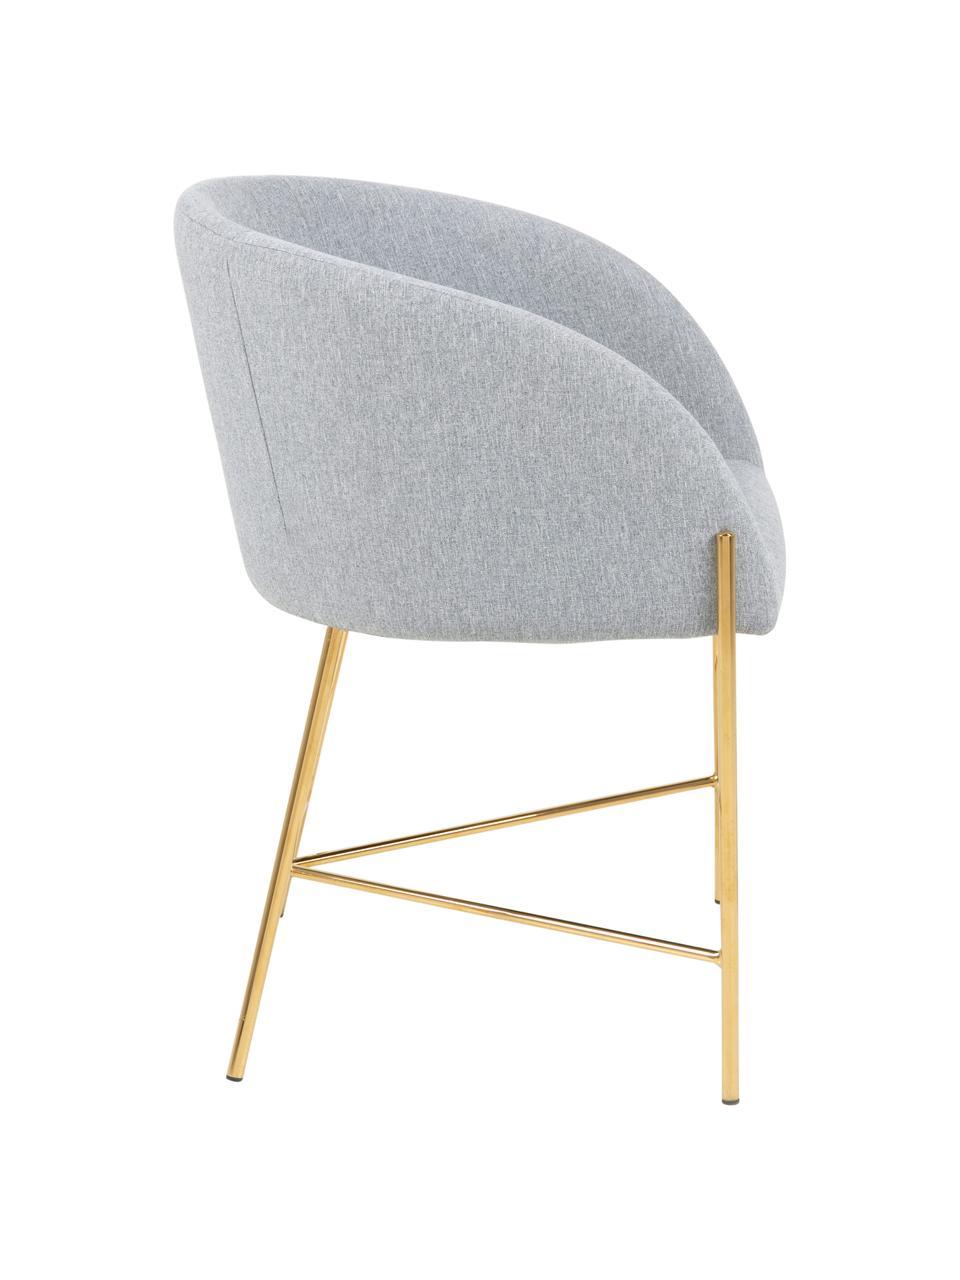 Krzesło tapicerowane z podłokietnikami Nelson, Tapicerka: poliester Dzięki tkaninie, Nogi: metal chromowany, Jasny szary, nogi: złote, S 56 x G 54 cm